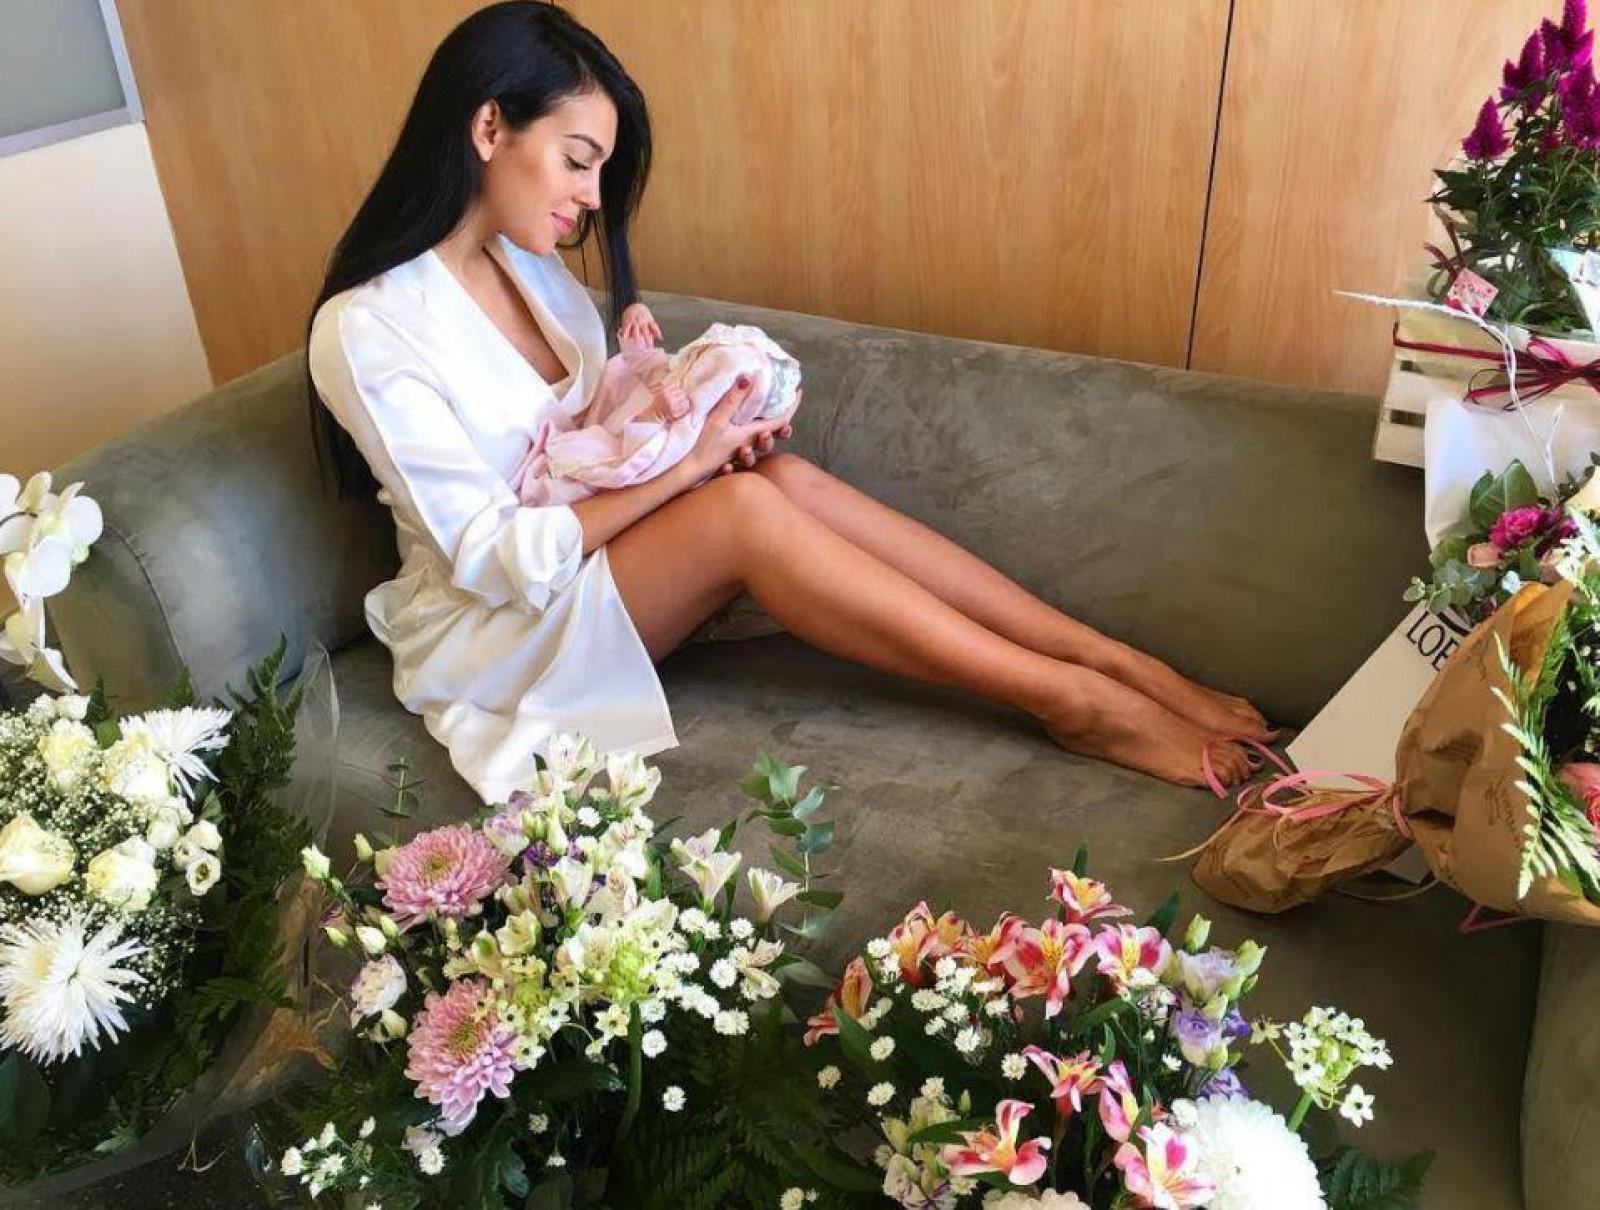 La nici o lună, deja este vedetă. Iubita lui Cristiano Ronaldo împreună cu fiica sa, pe coperta unei reviste spaniole